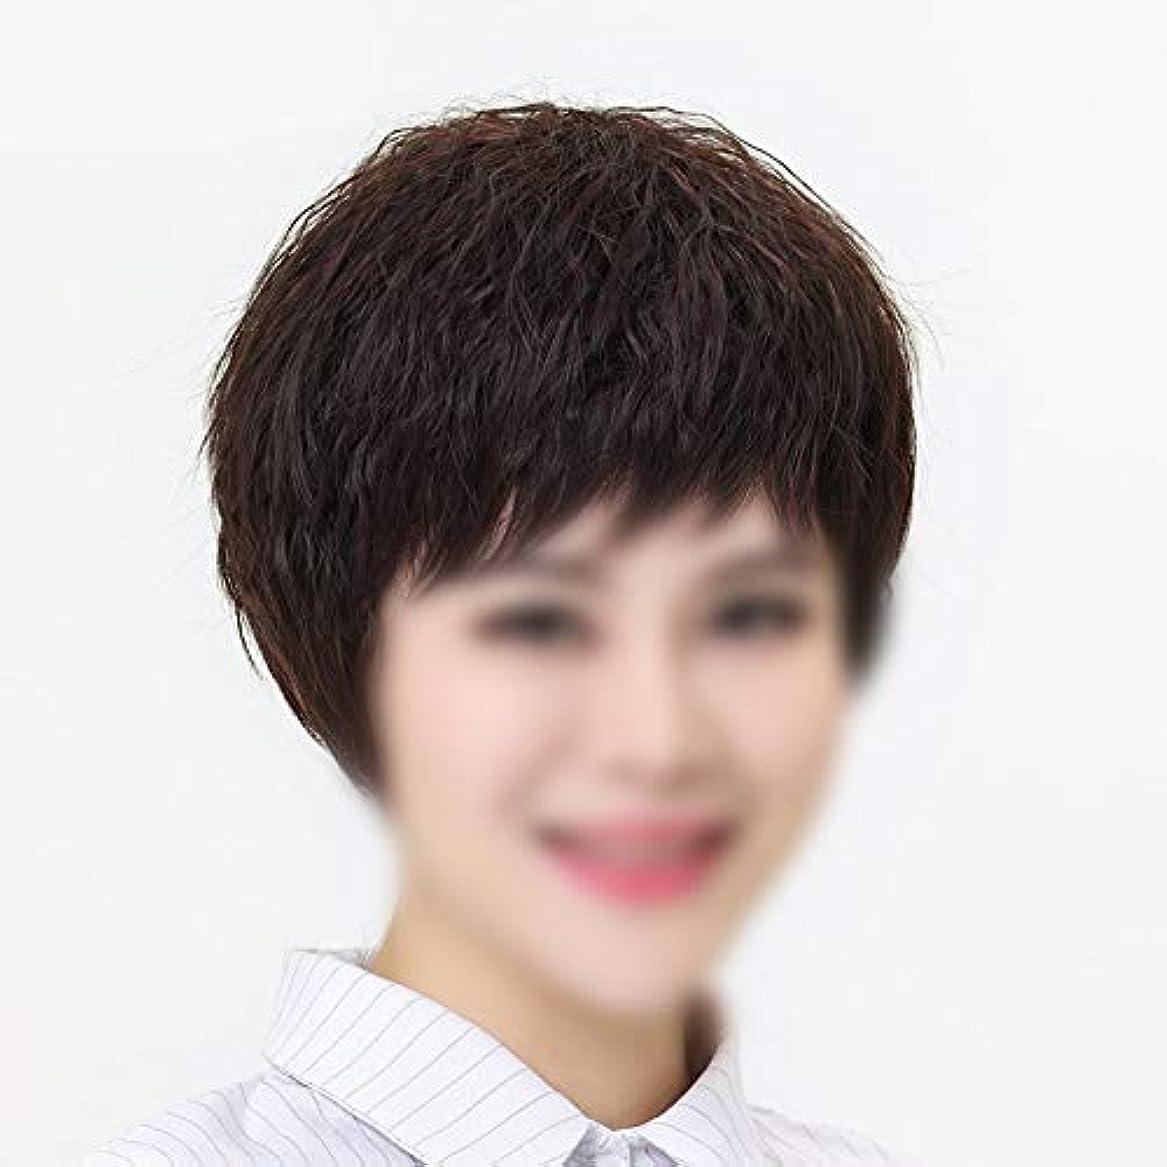 委員会トラブルエロチックYOUQIU 女性のかつらのためにボブショートストレートヘアナチュラルヘアエクステンションリアルタイム毛ウィッグ (色 : Dark brown, サイズ : Mechanism)